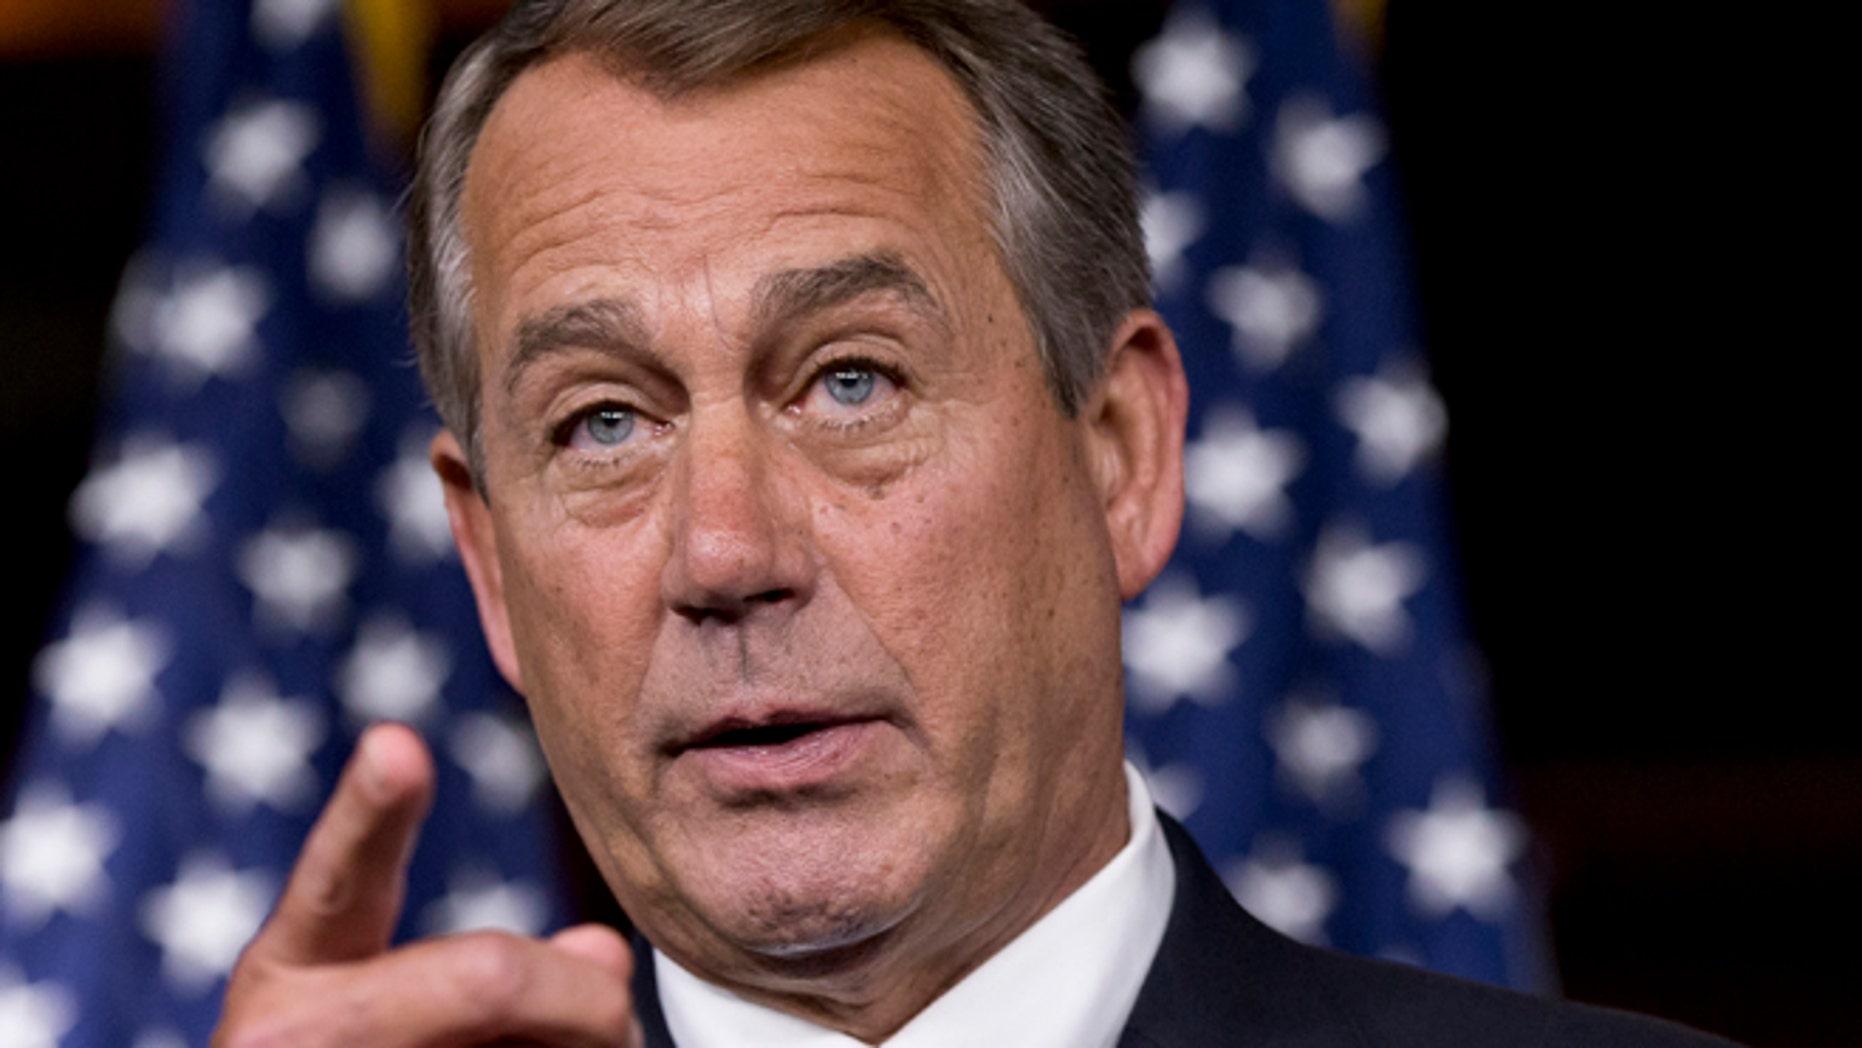 June 20, 2013: House Speaker John Boehner speaks on Capitol Hill.